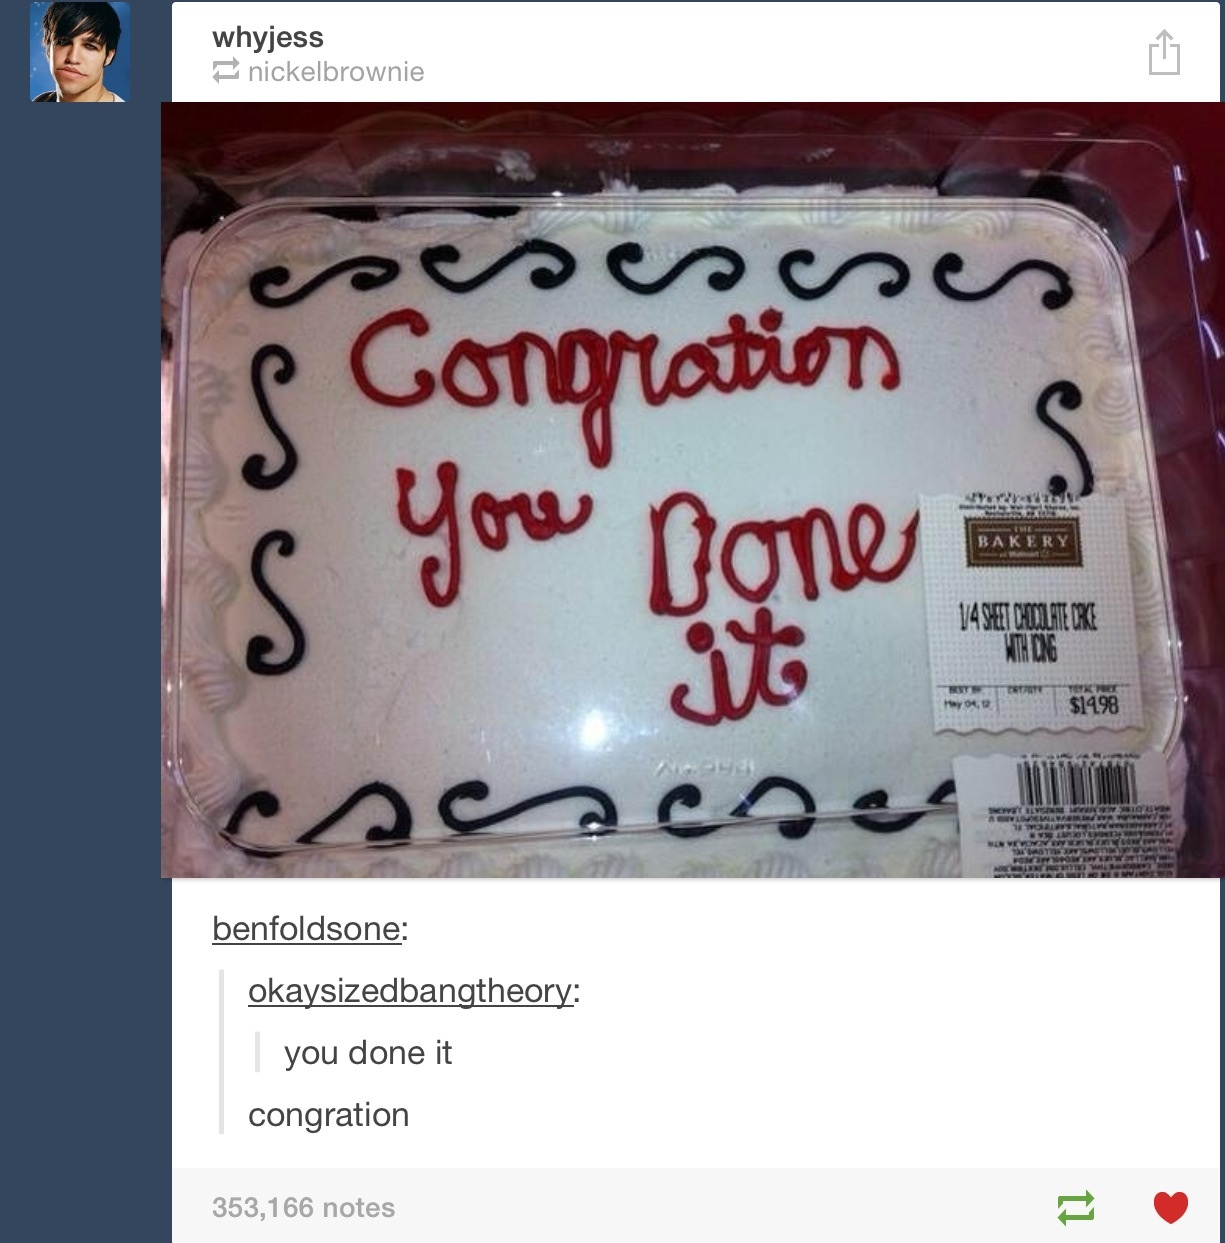 Congration!